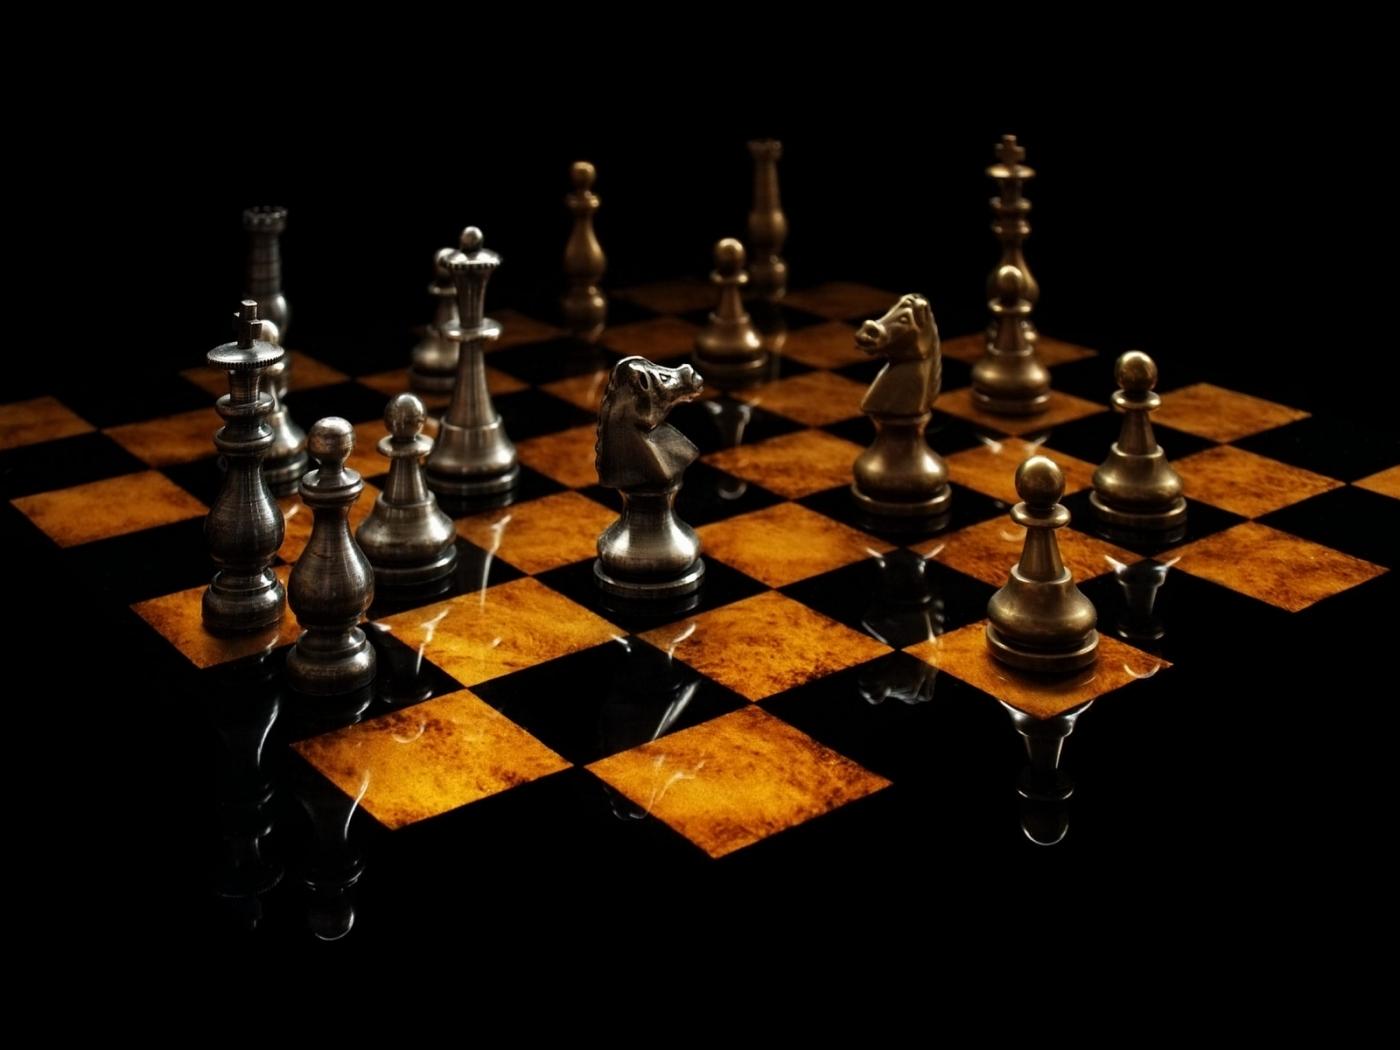 23376 Hintergrundbild herunterladen Objekte, Spiele, Chess - Bildschirmschoner und Bilder kostenlos